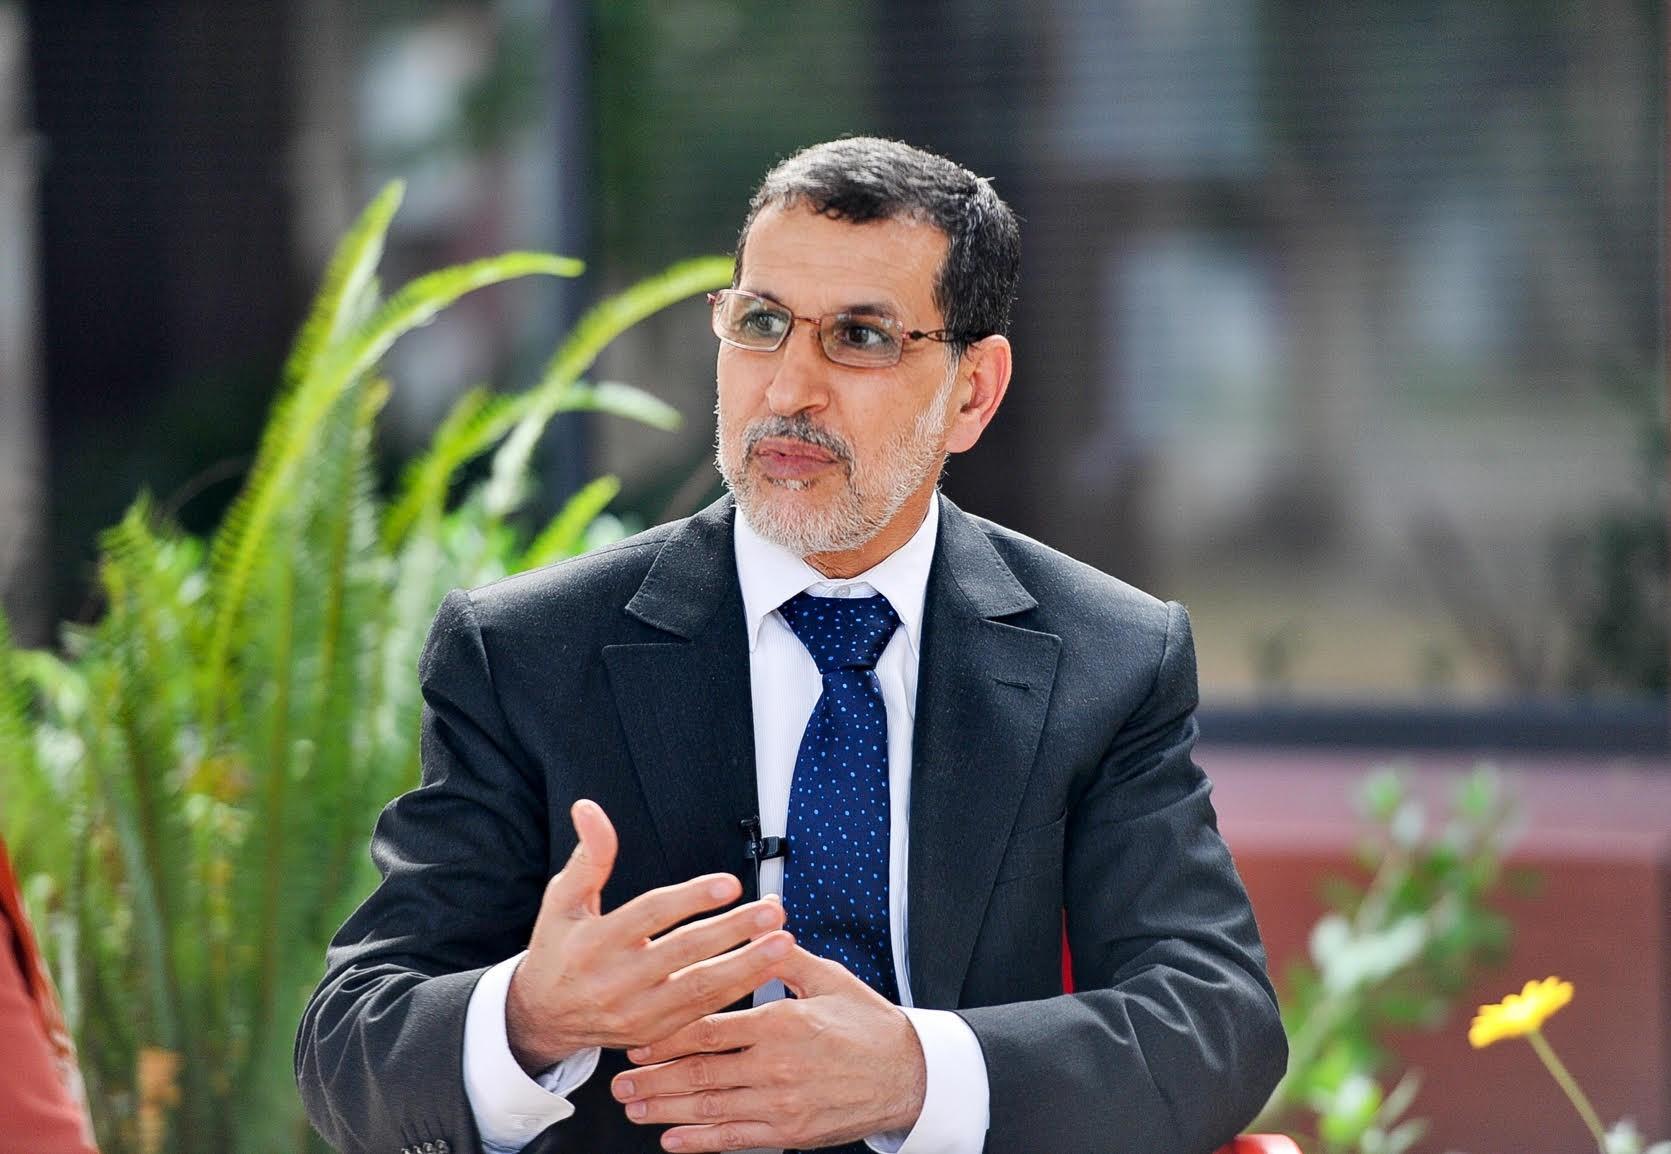 العثماني: أؤكد أن الموقف المغربي عموماً يبقى باستمرار داعماً للقضية الفلسطينية